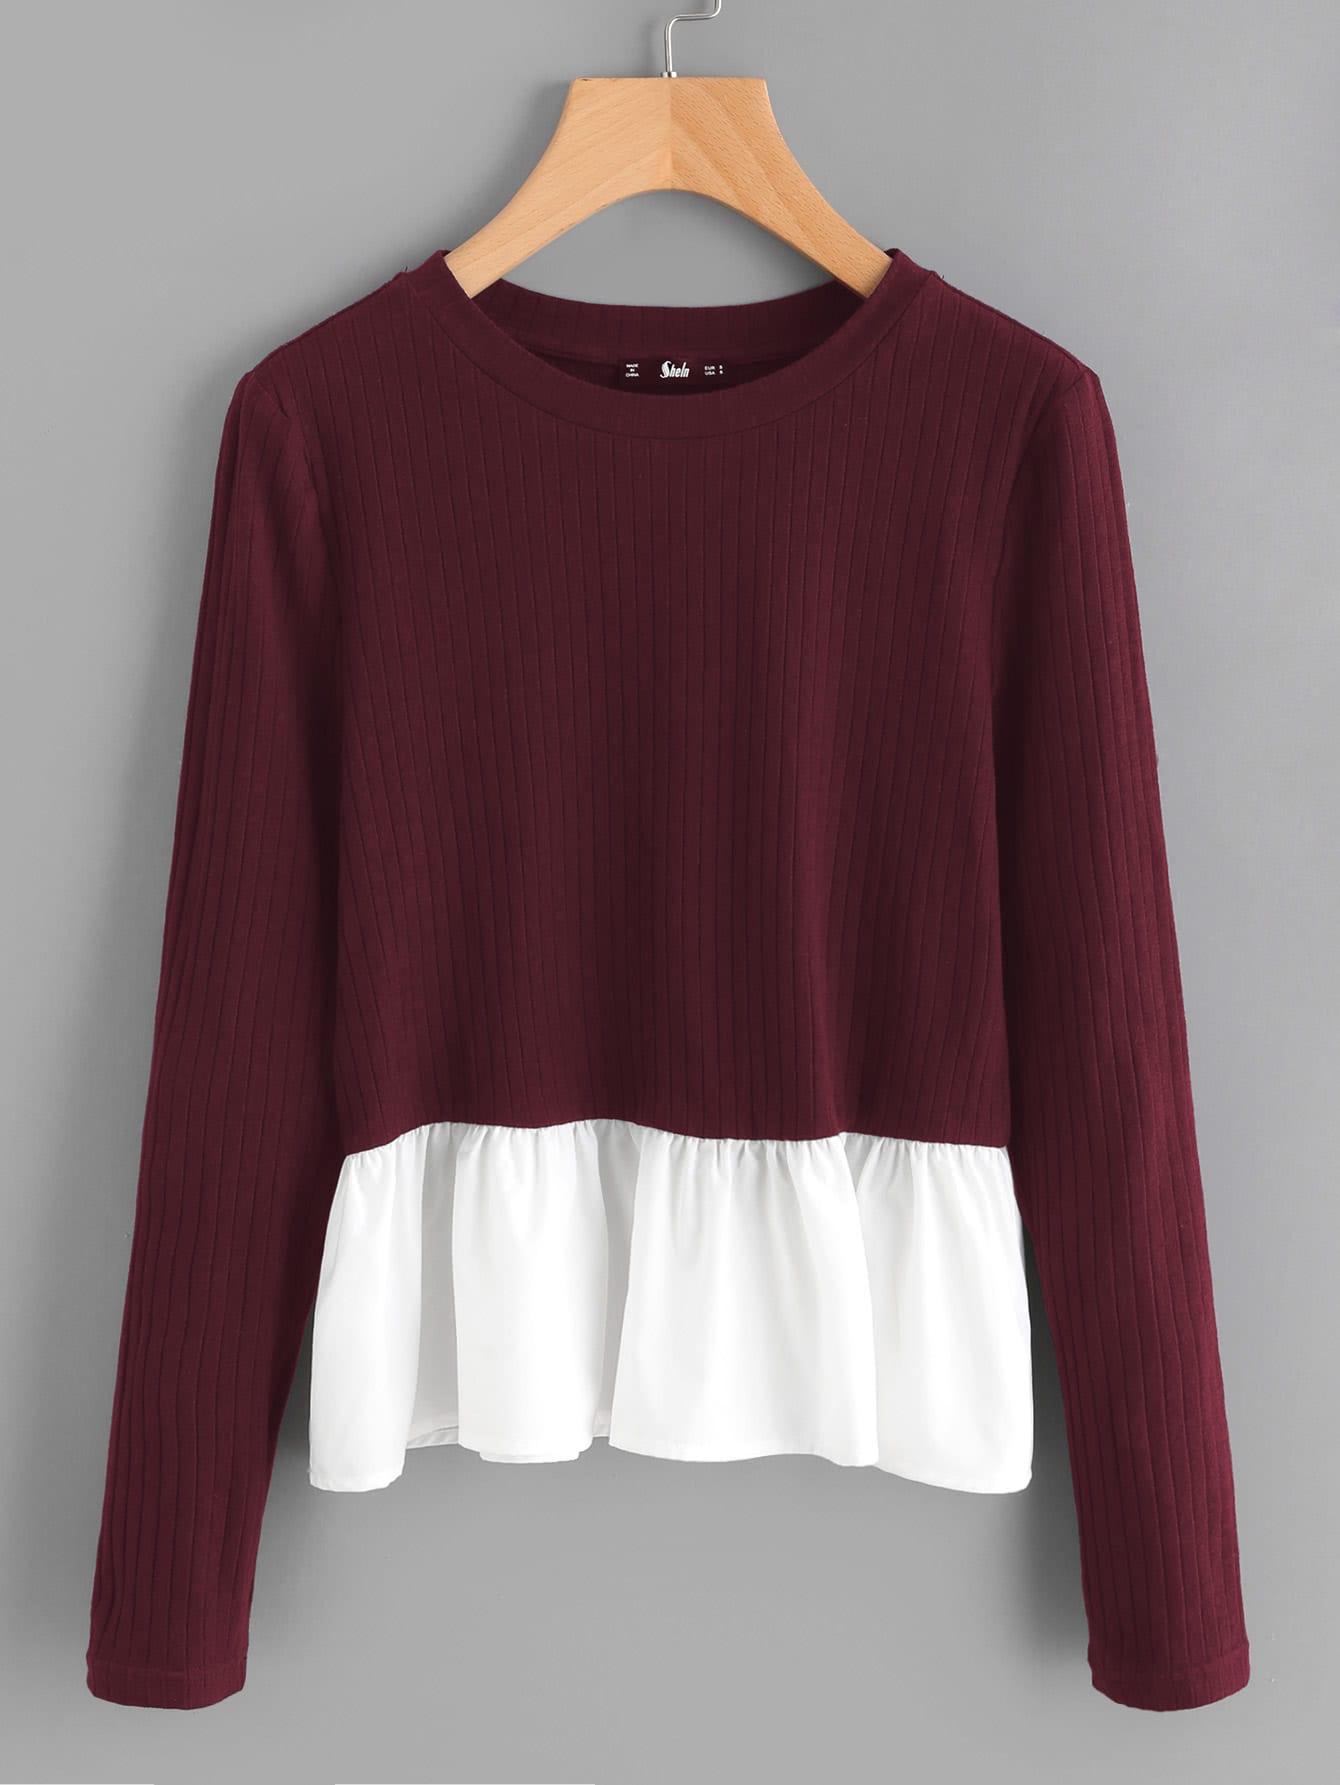 Contrast Frill Trim Rib Knit T-shirt frill trim shirt